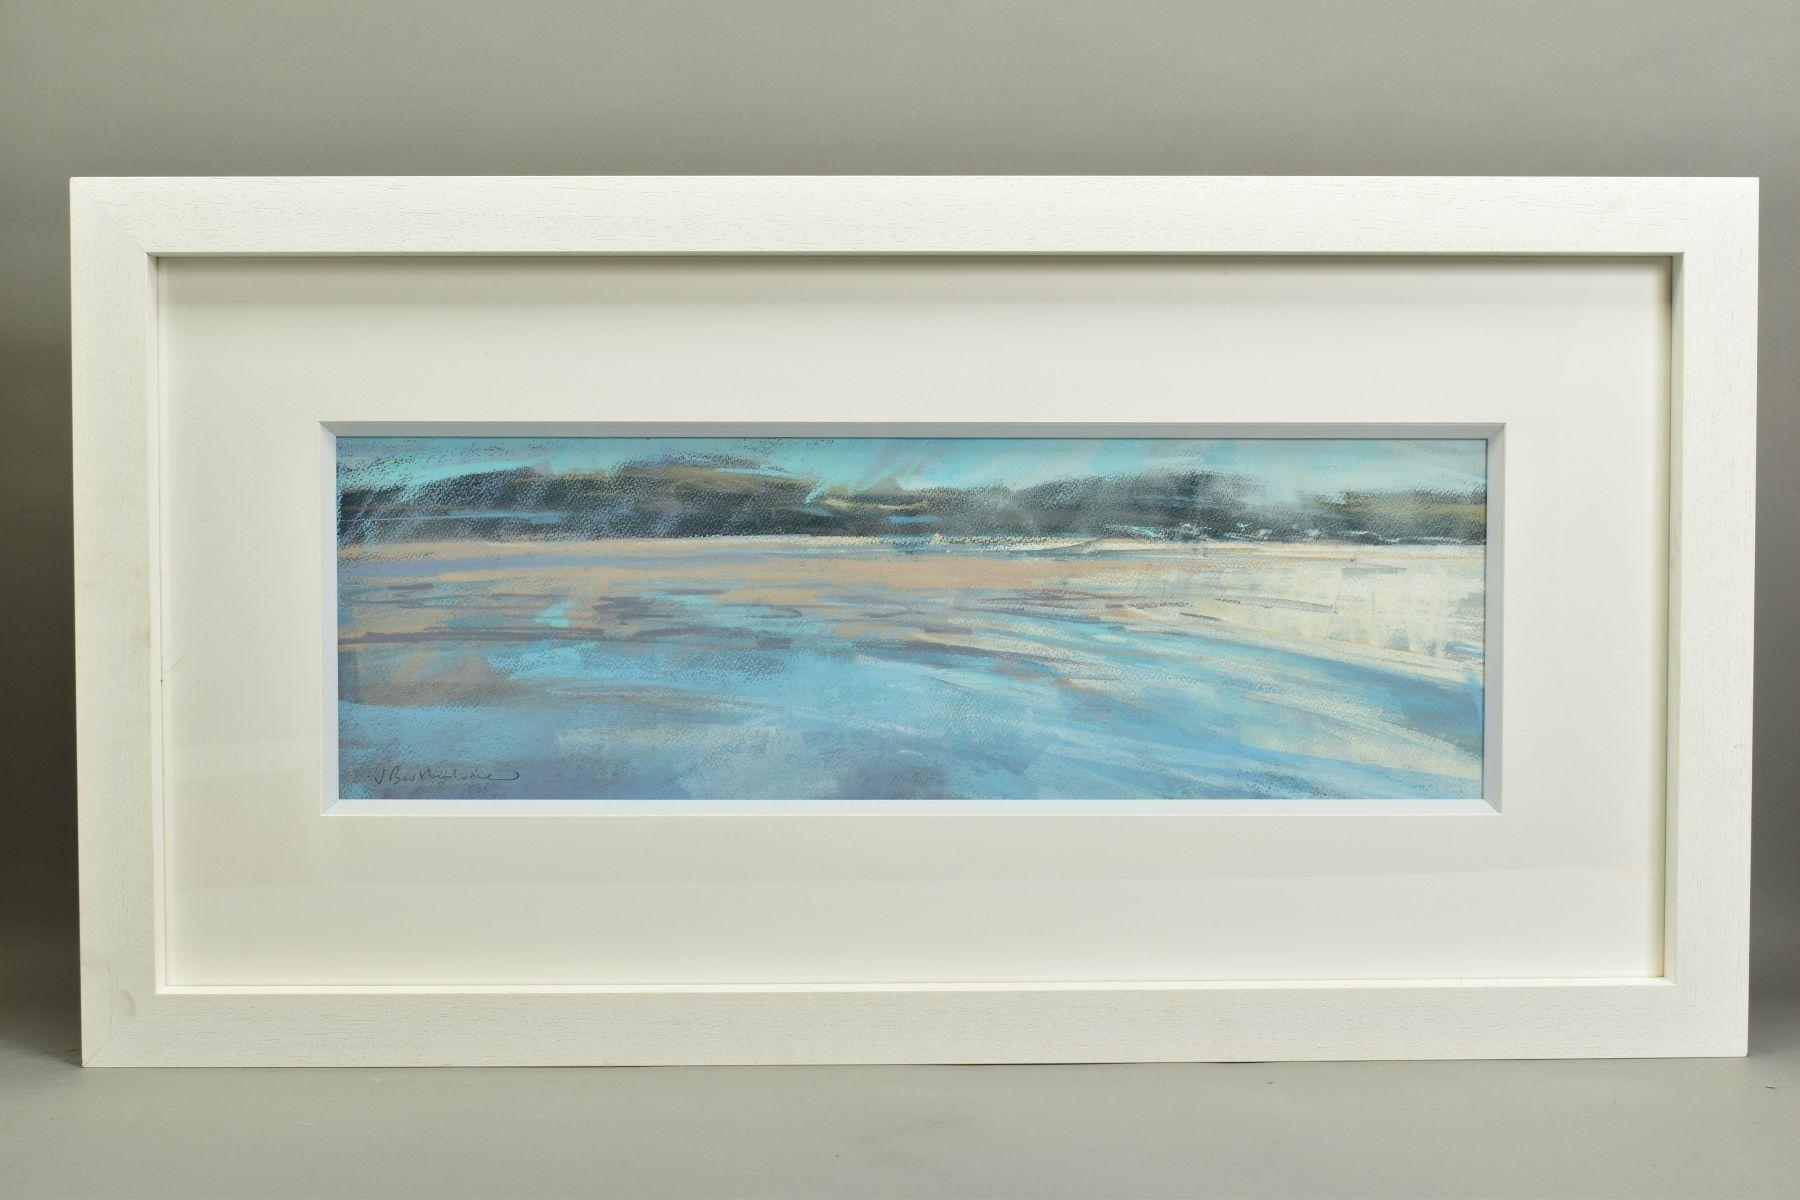 JAMES BARTHOLOMEW (BRITISH CONTEMPORARY), 'Shining Bay', a coastal landscape, signed bottom right,